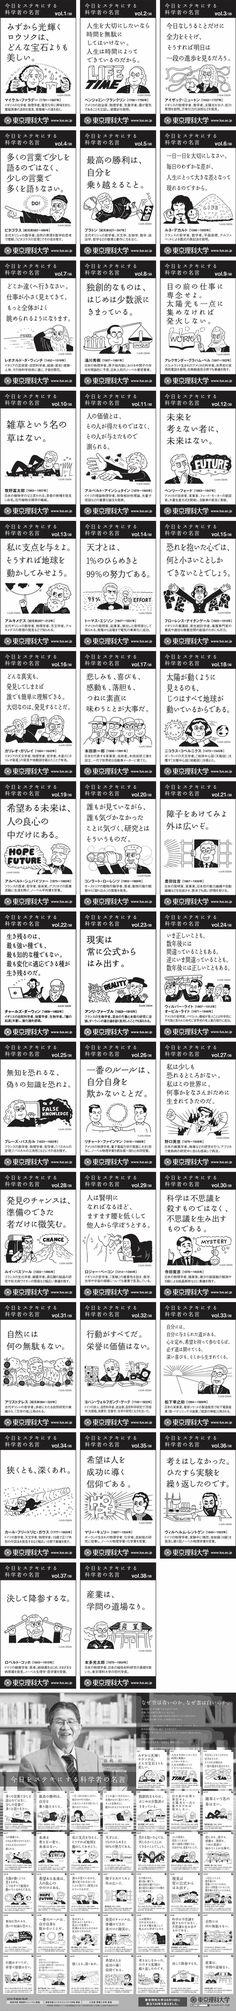 朝日広告賞「広告主参加の部」、2015年度の入賞作品を掲載しています。